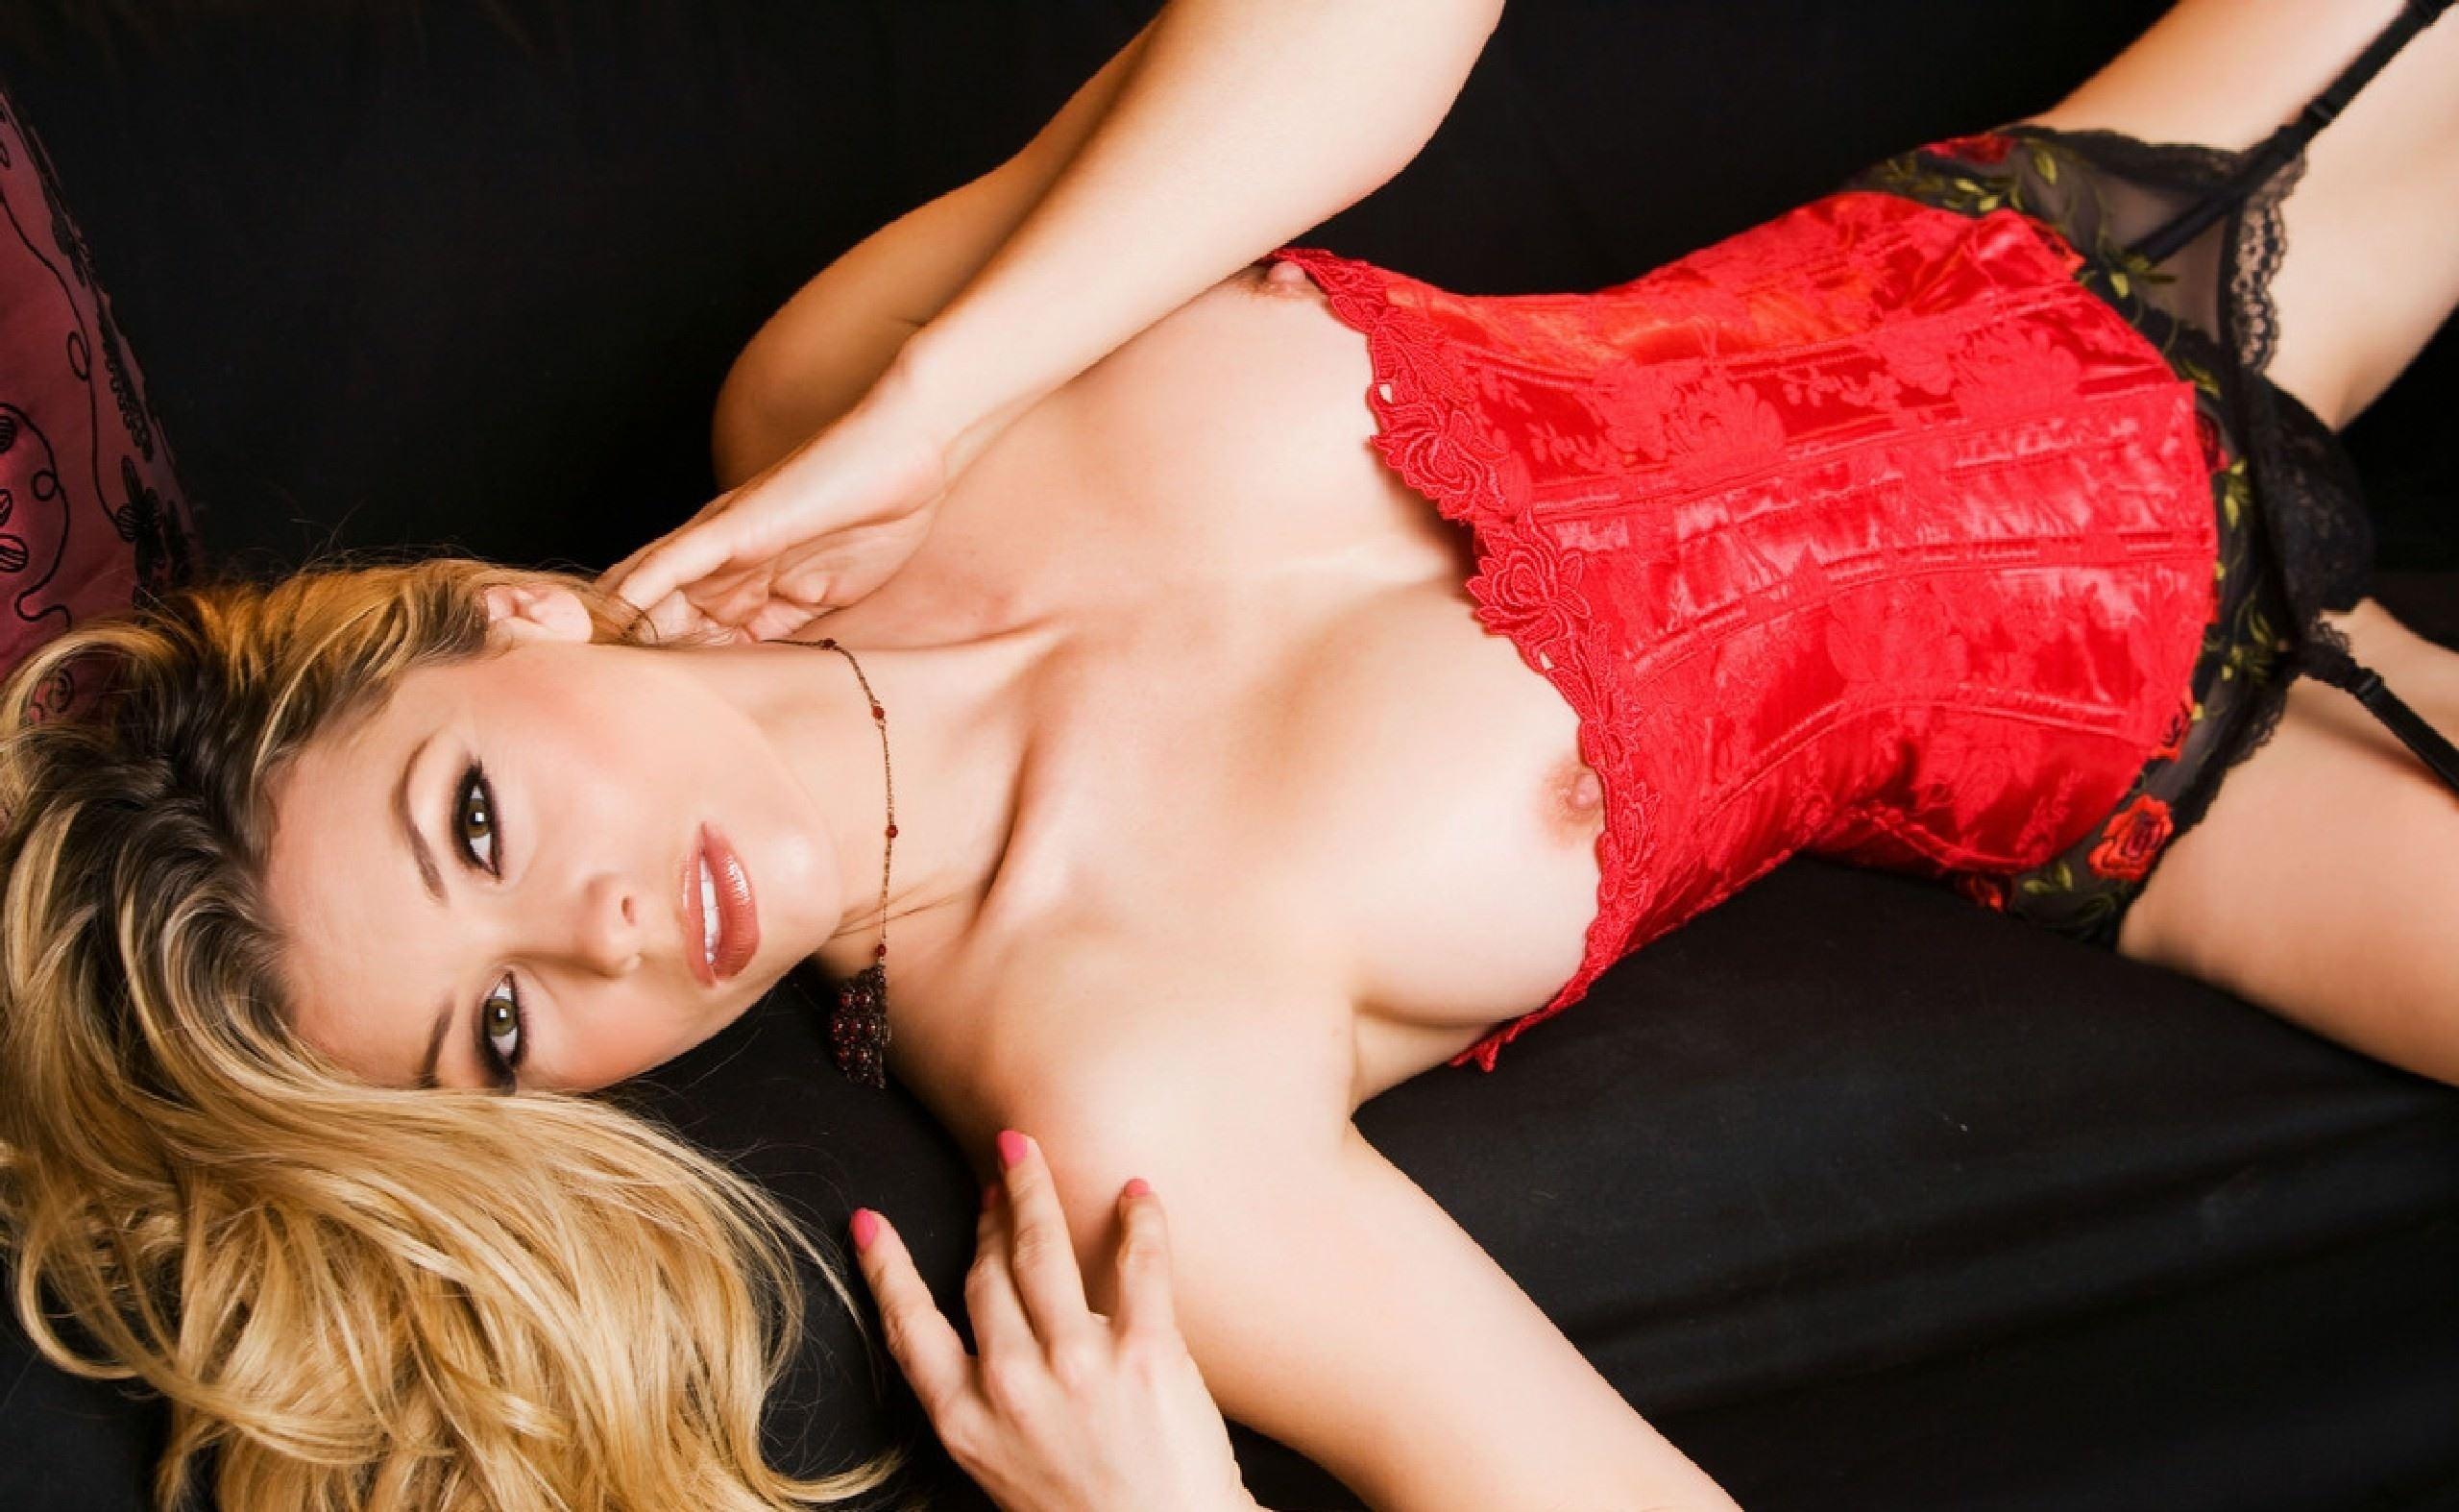 Фото Сексапильная девушка в красном корсете, соски выглядывают, скачать картинку бесплатно